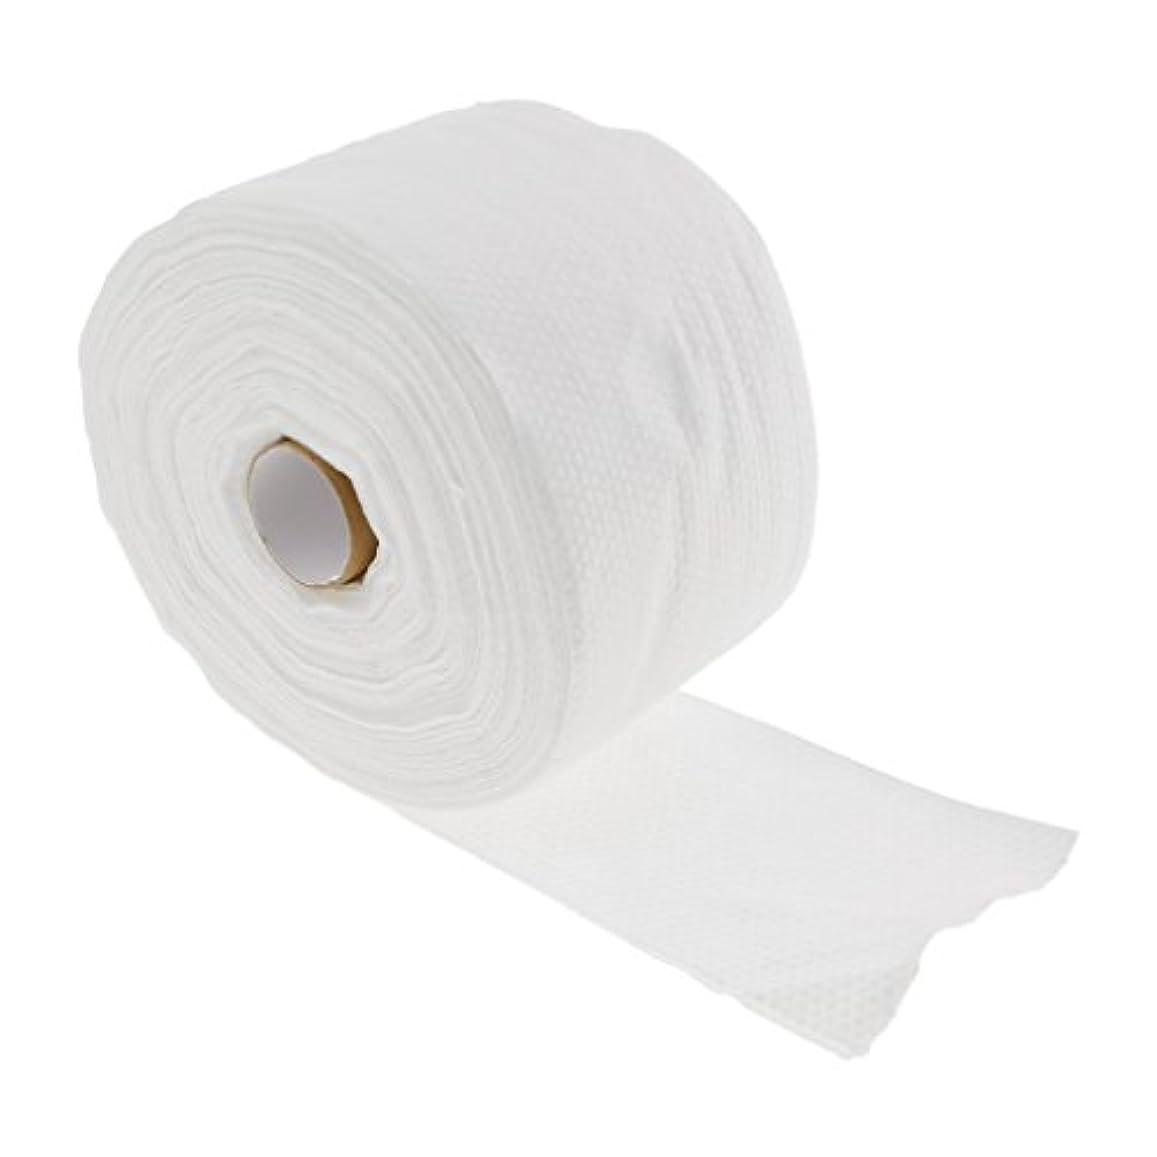 必須できる取り出すToygogo 1つのロール30メートルの使い捨て可能なタオル繊維の清潔になる顔のワイプの構造の除去剤 - #2